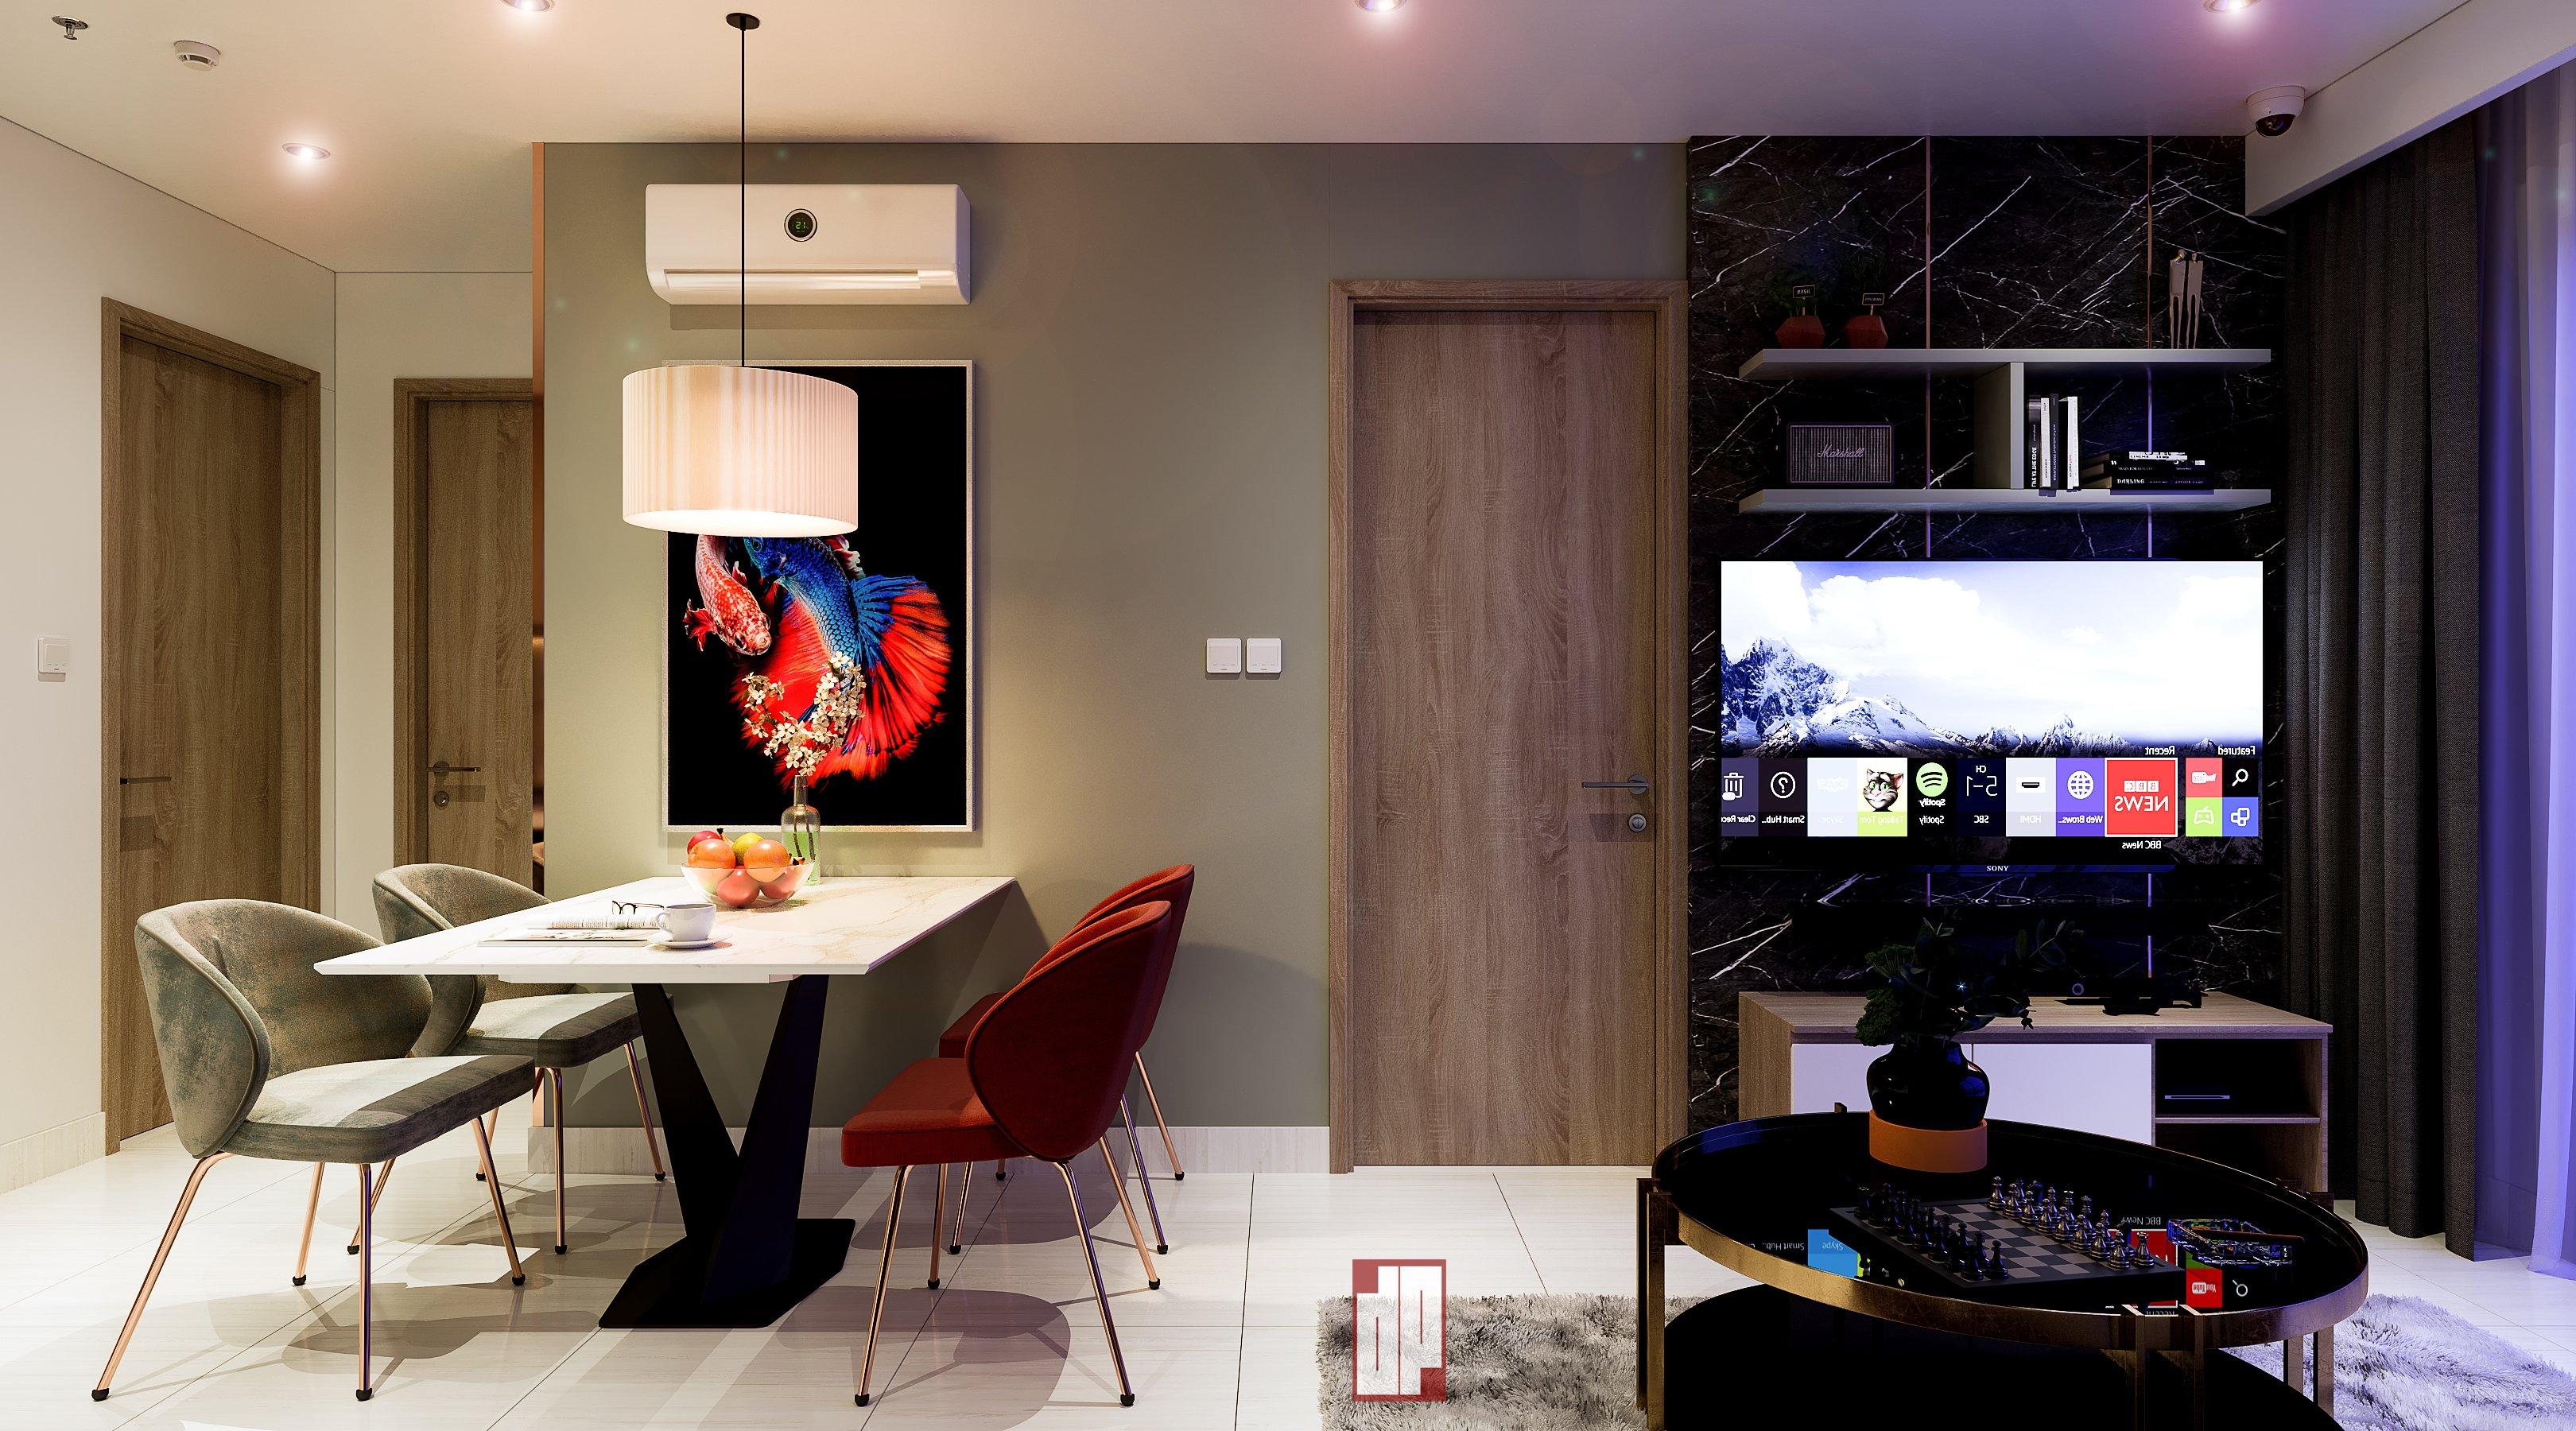 Thiết kế nội thất Chung Cư tại Hồ Chí Minh CHUNG CU VINHOME CENTRAL PARK-Q9 1630423857 2